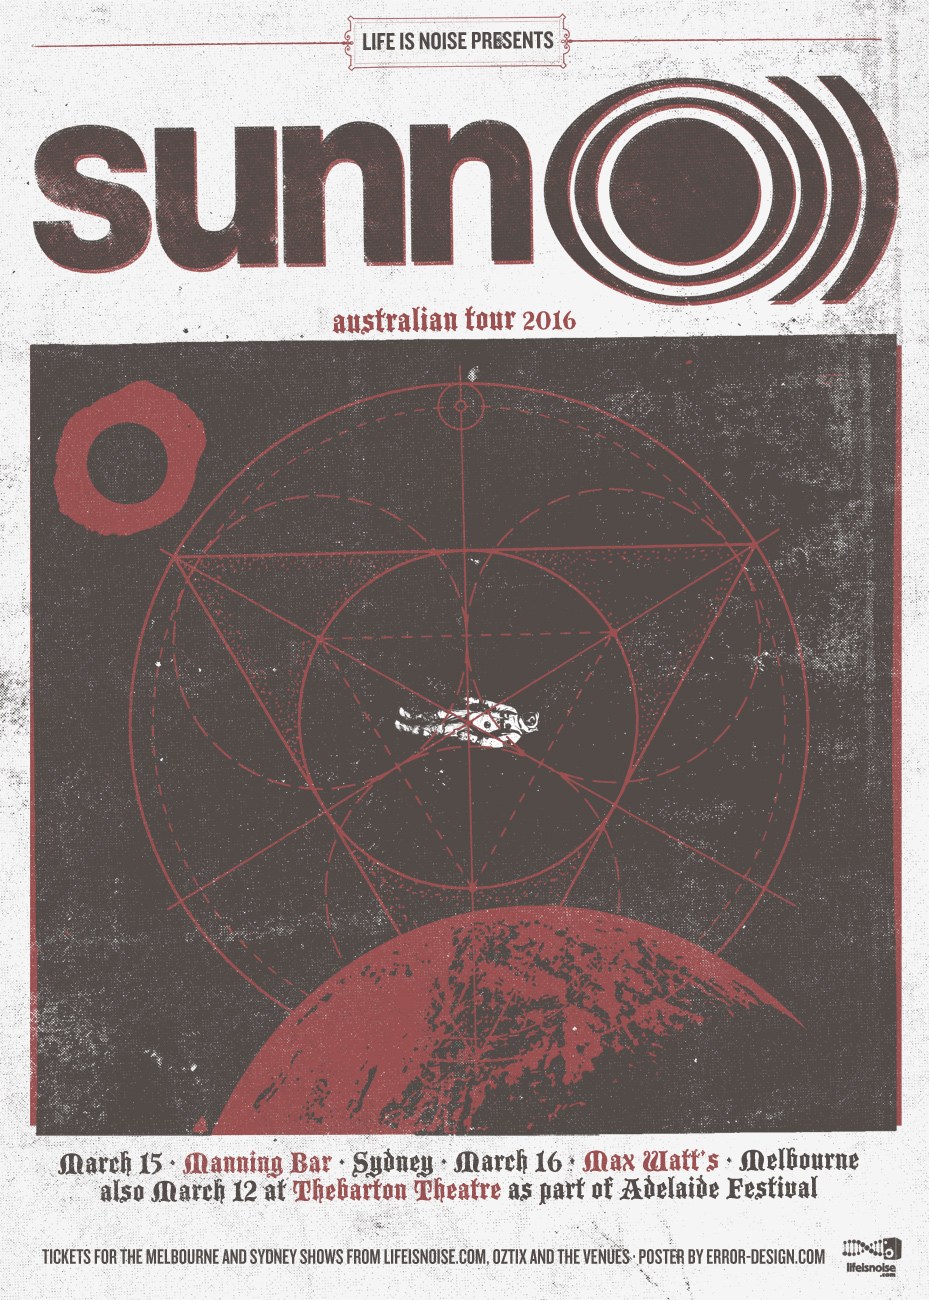 SUNN O))) Australia 2016 Tour poster